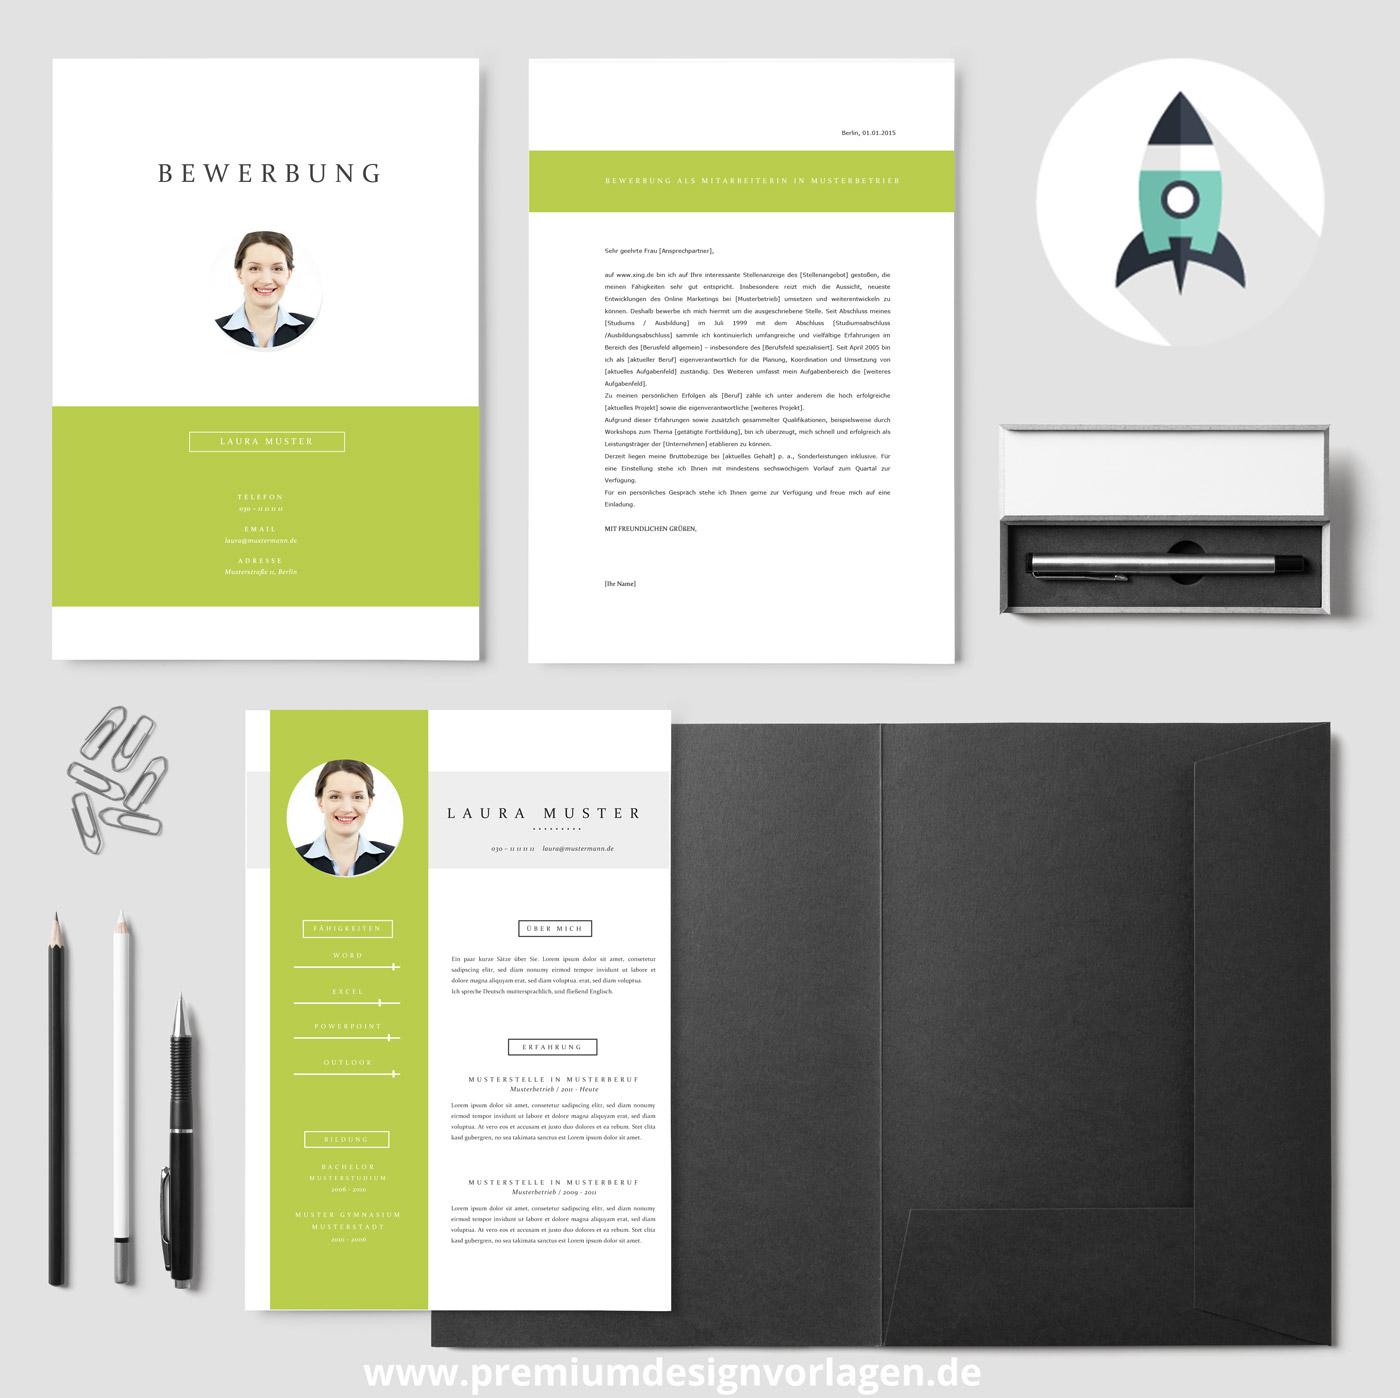 Bewerbungsvorlage mit Muster-Anschreiben und Lebenslaufvorlage von Premiumdesignvorlagen.